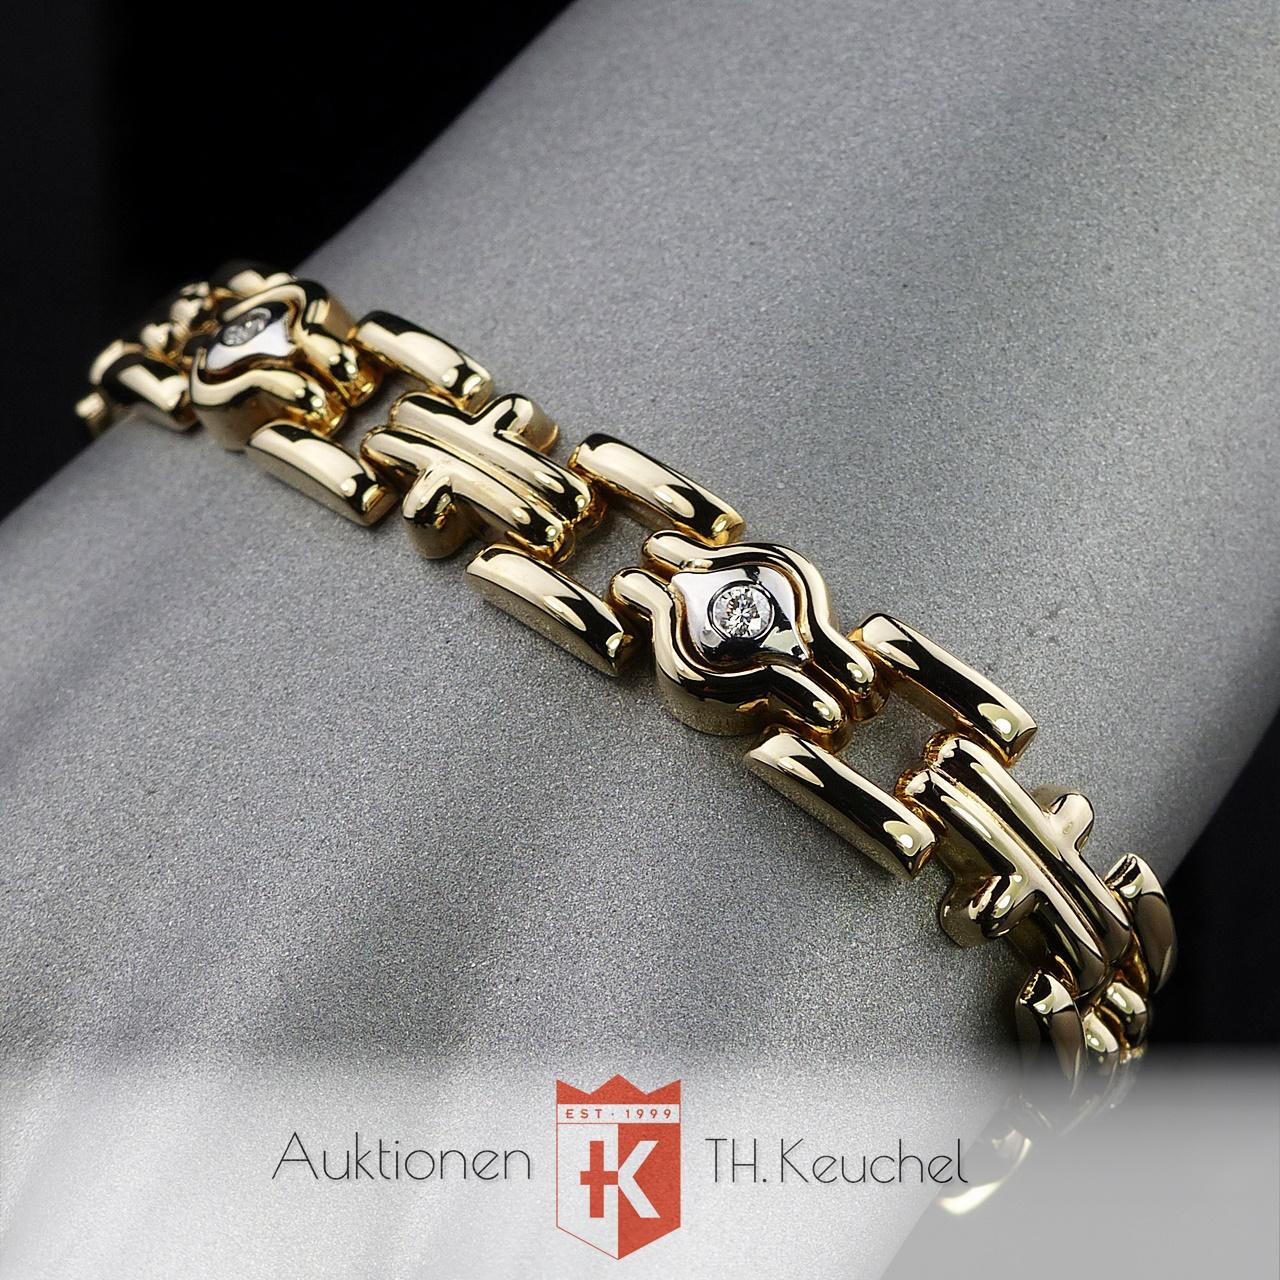 88c12e18ddbb Armband Gold Bicolor 14K 585 mit Brillanten ca. 0,30 Carat Wert ca. €  2.100.-